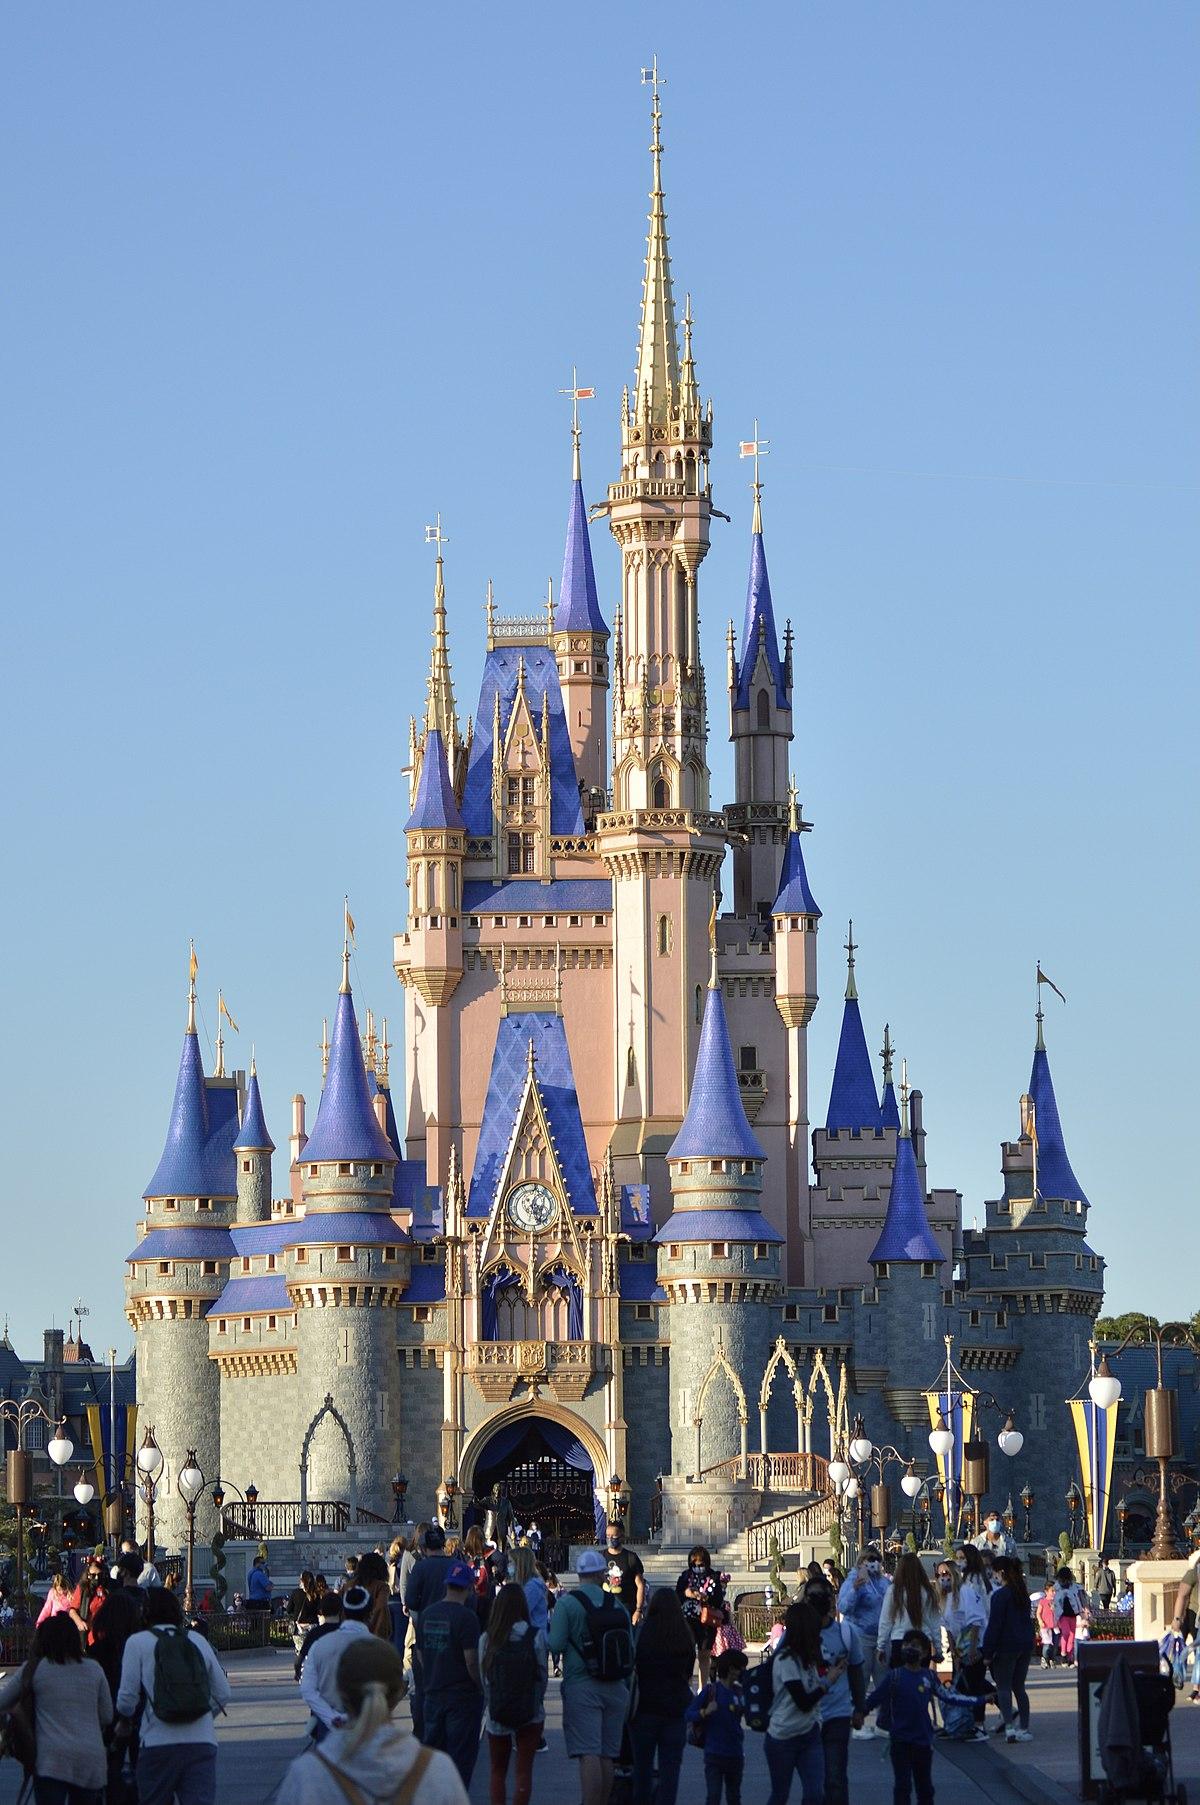 Cinderella Castle Wikipedia